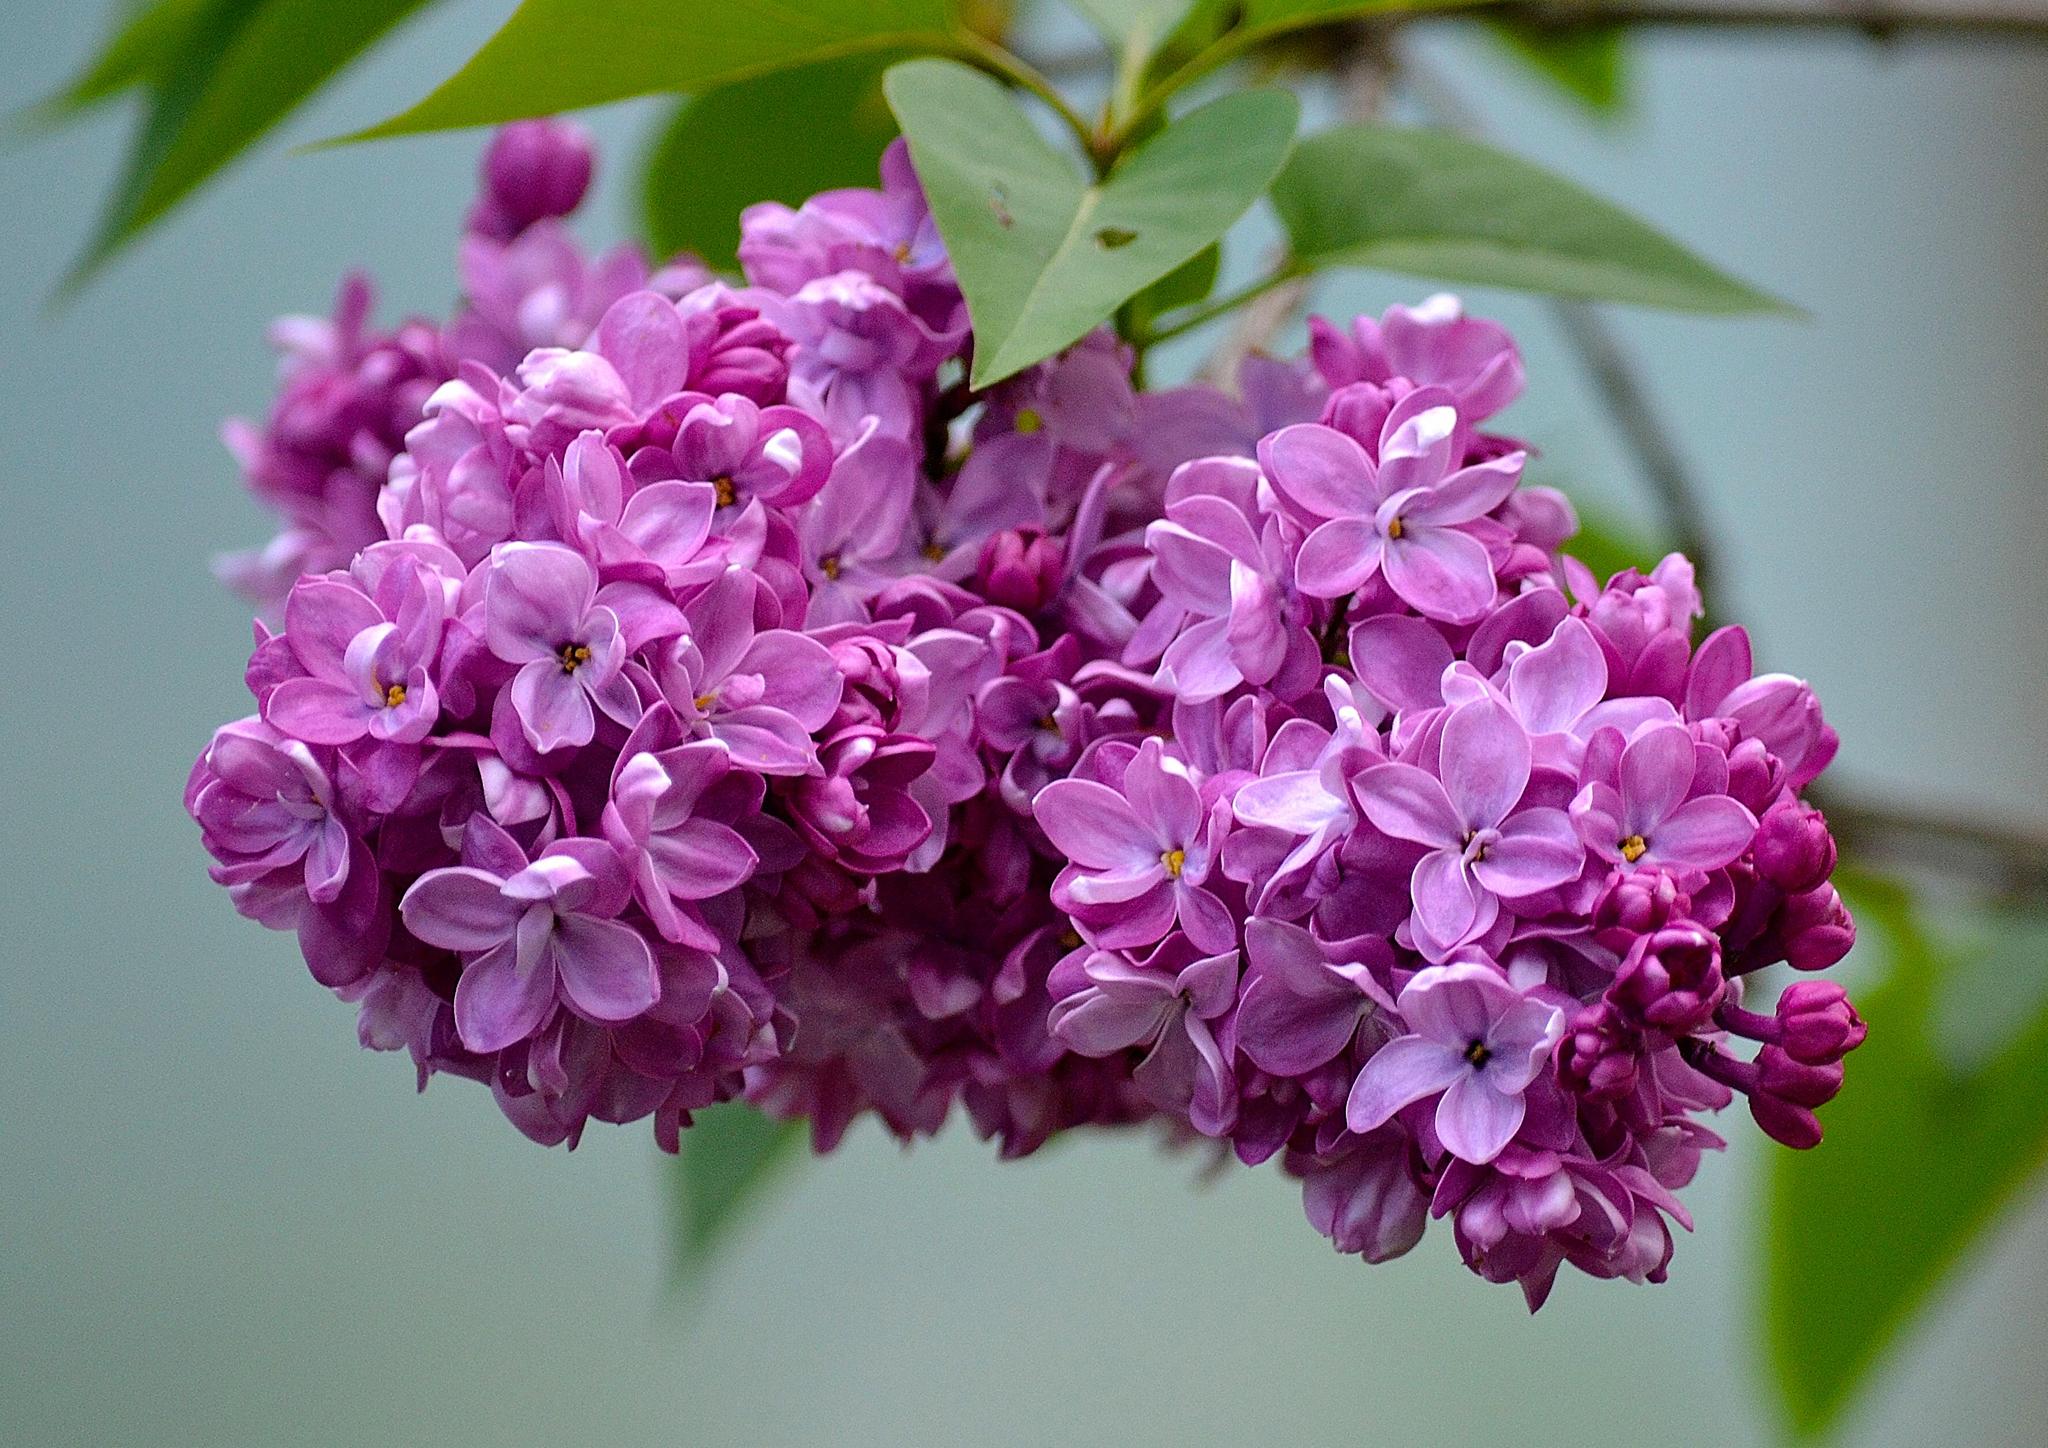 его фотографии цветы сирень еще